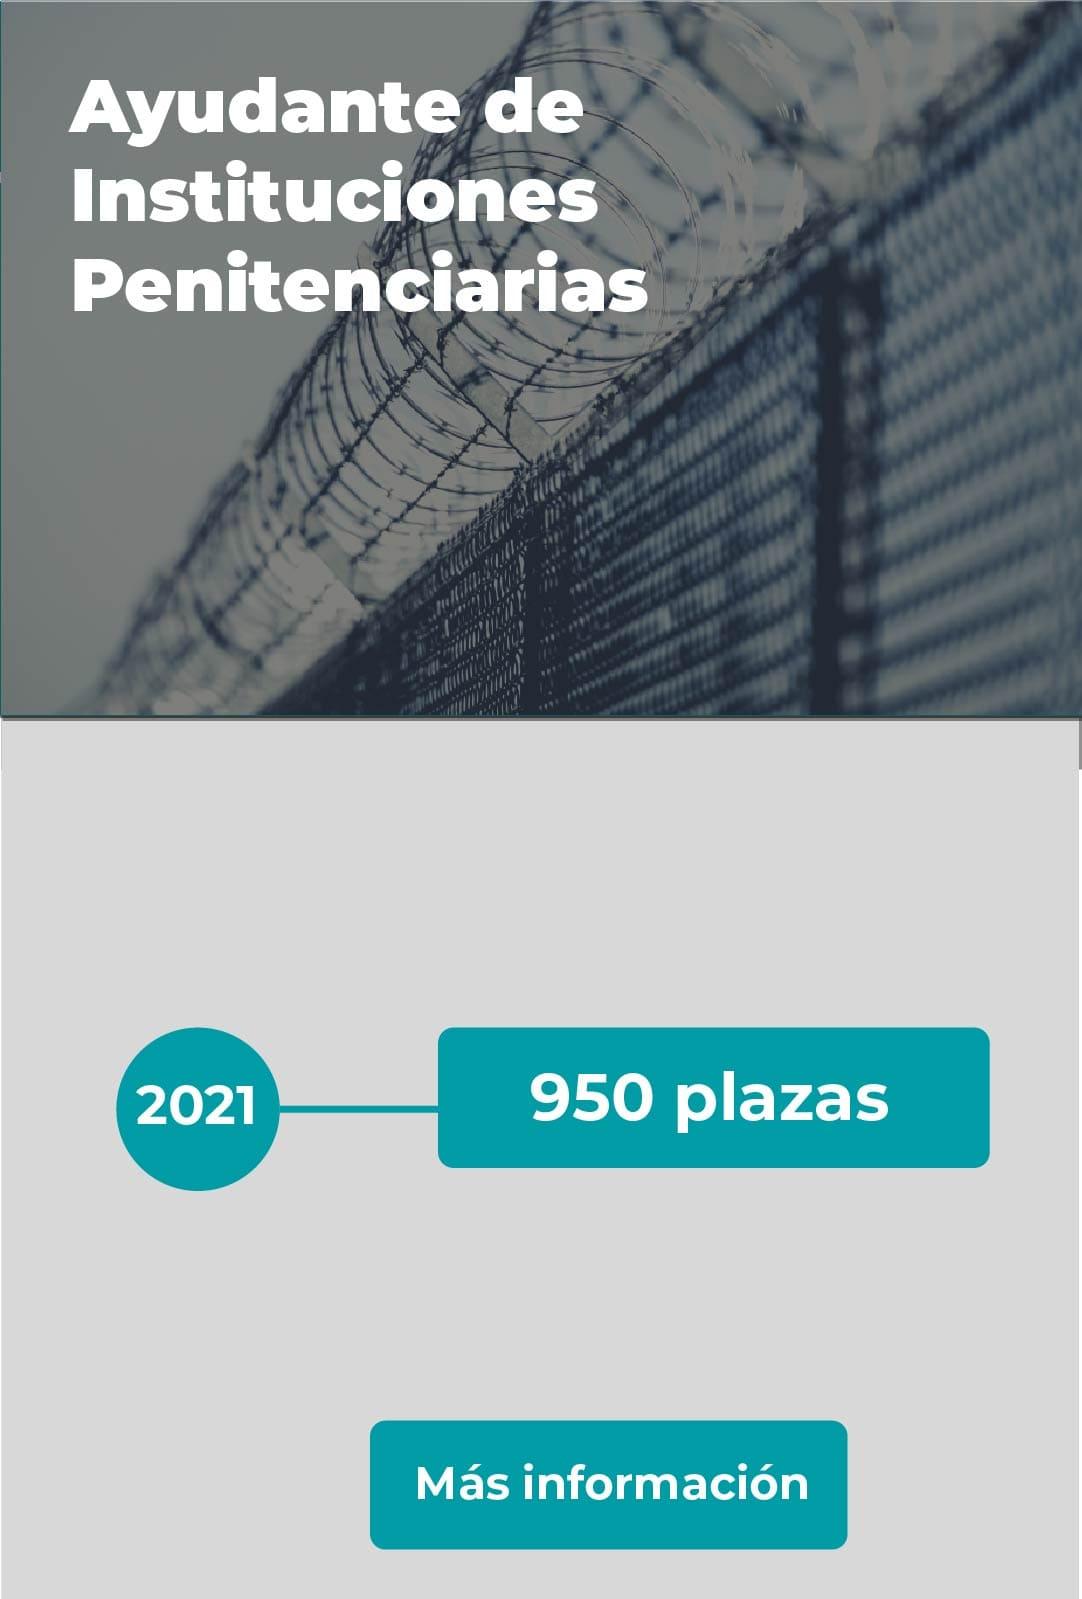 ayudantes-intituciones-penitenciarias-plazas-oposiciones-practic